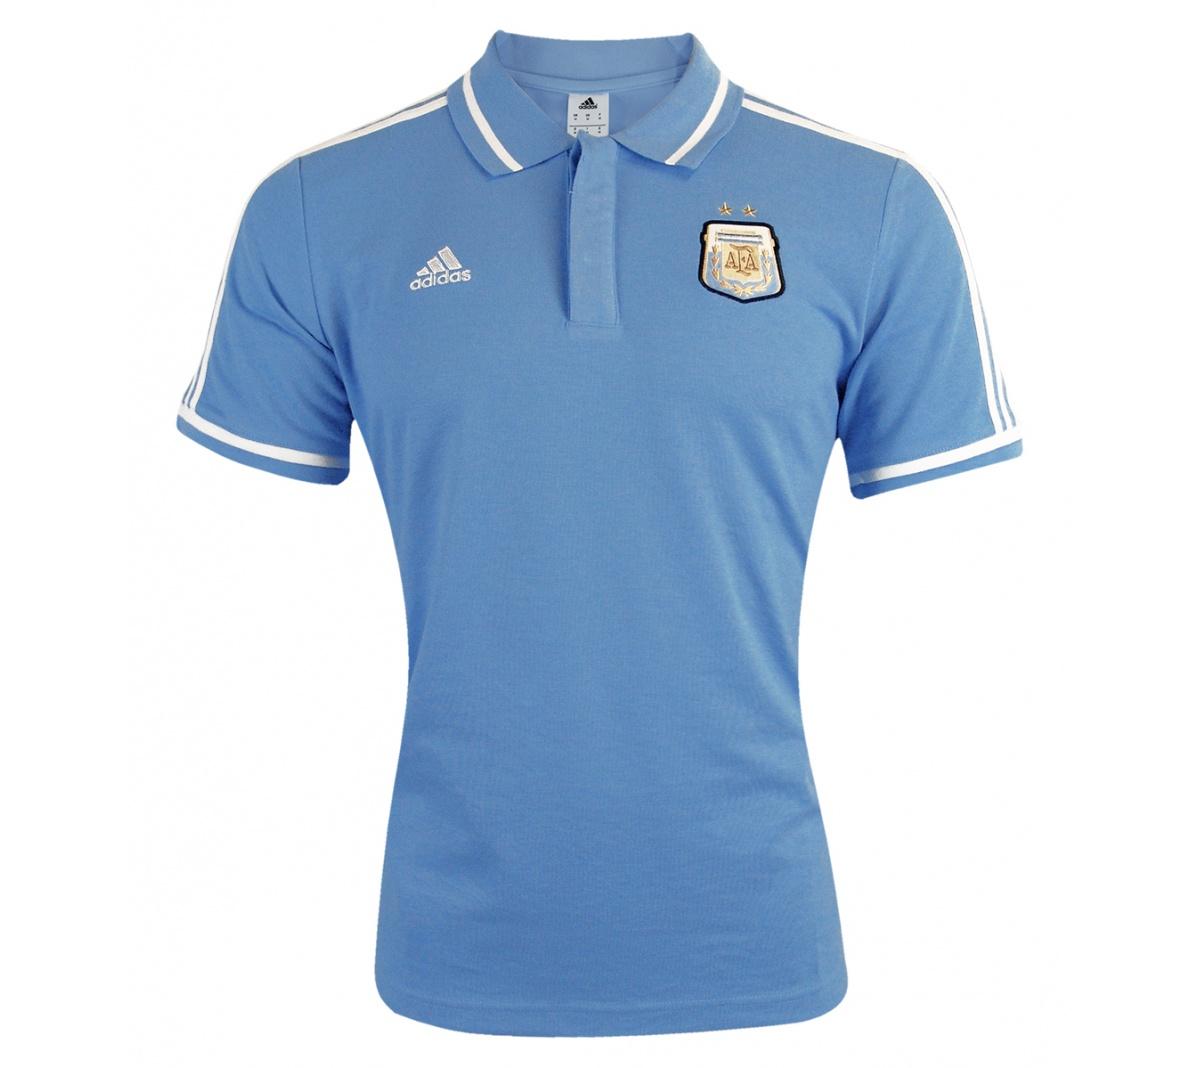 7043291fa1f84 Camisa Polo Adidas Argentina ESS Camisa Polo Adidas Argentina ESS ...